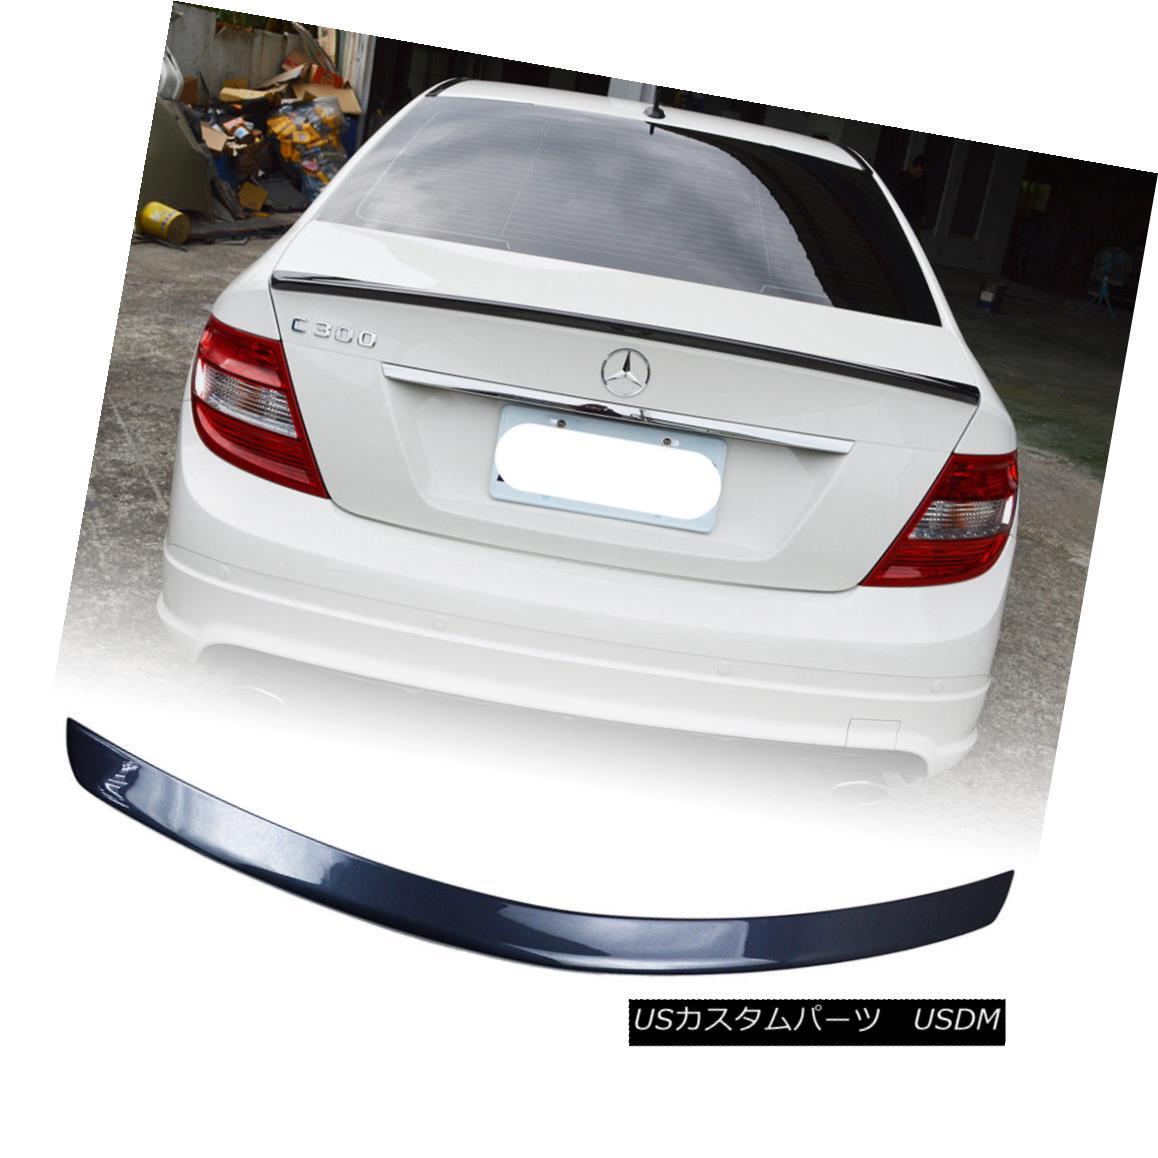 エアロパーツ Painted Color 755 For Mercedes BENZ C-Class W204 Rear Trunk Spoiler Wing ABS 塗装カラー755メルセデスベンツCクラスW204リアトランクスポイラーウィングABS